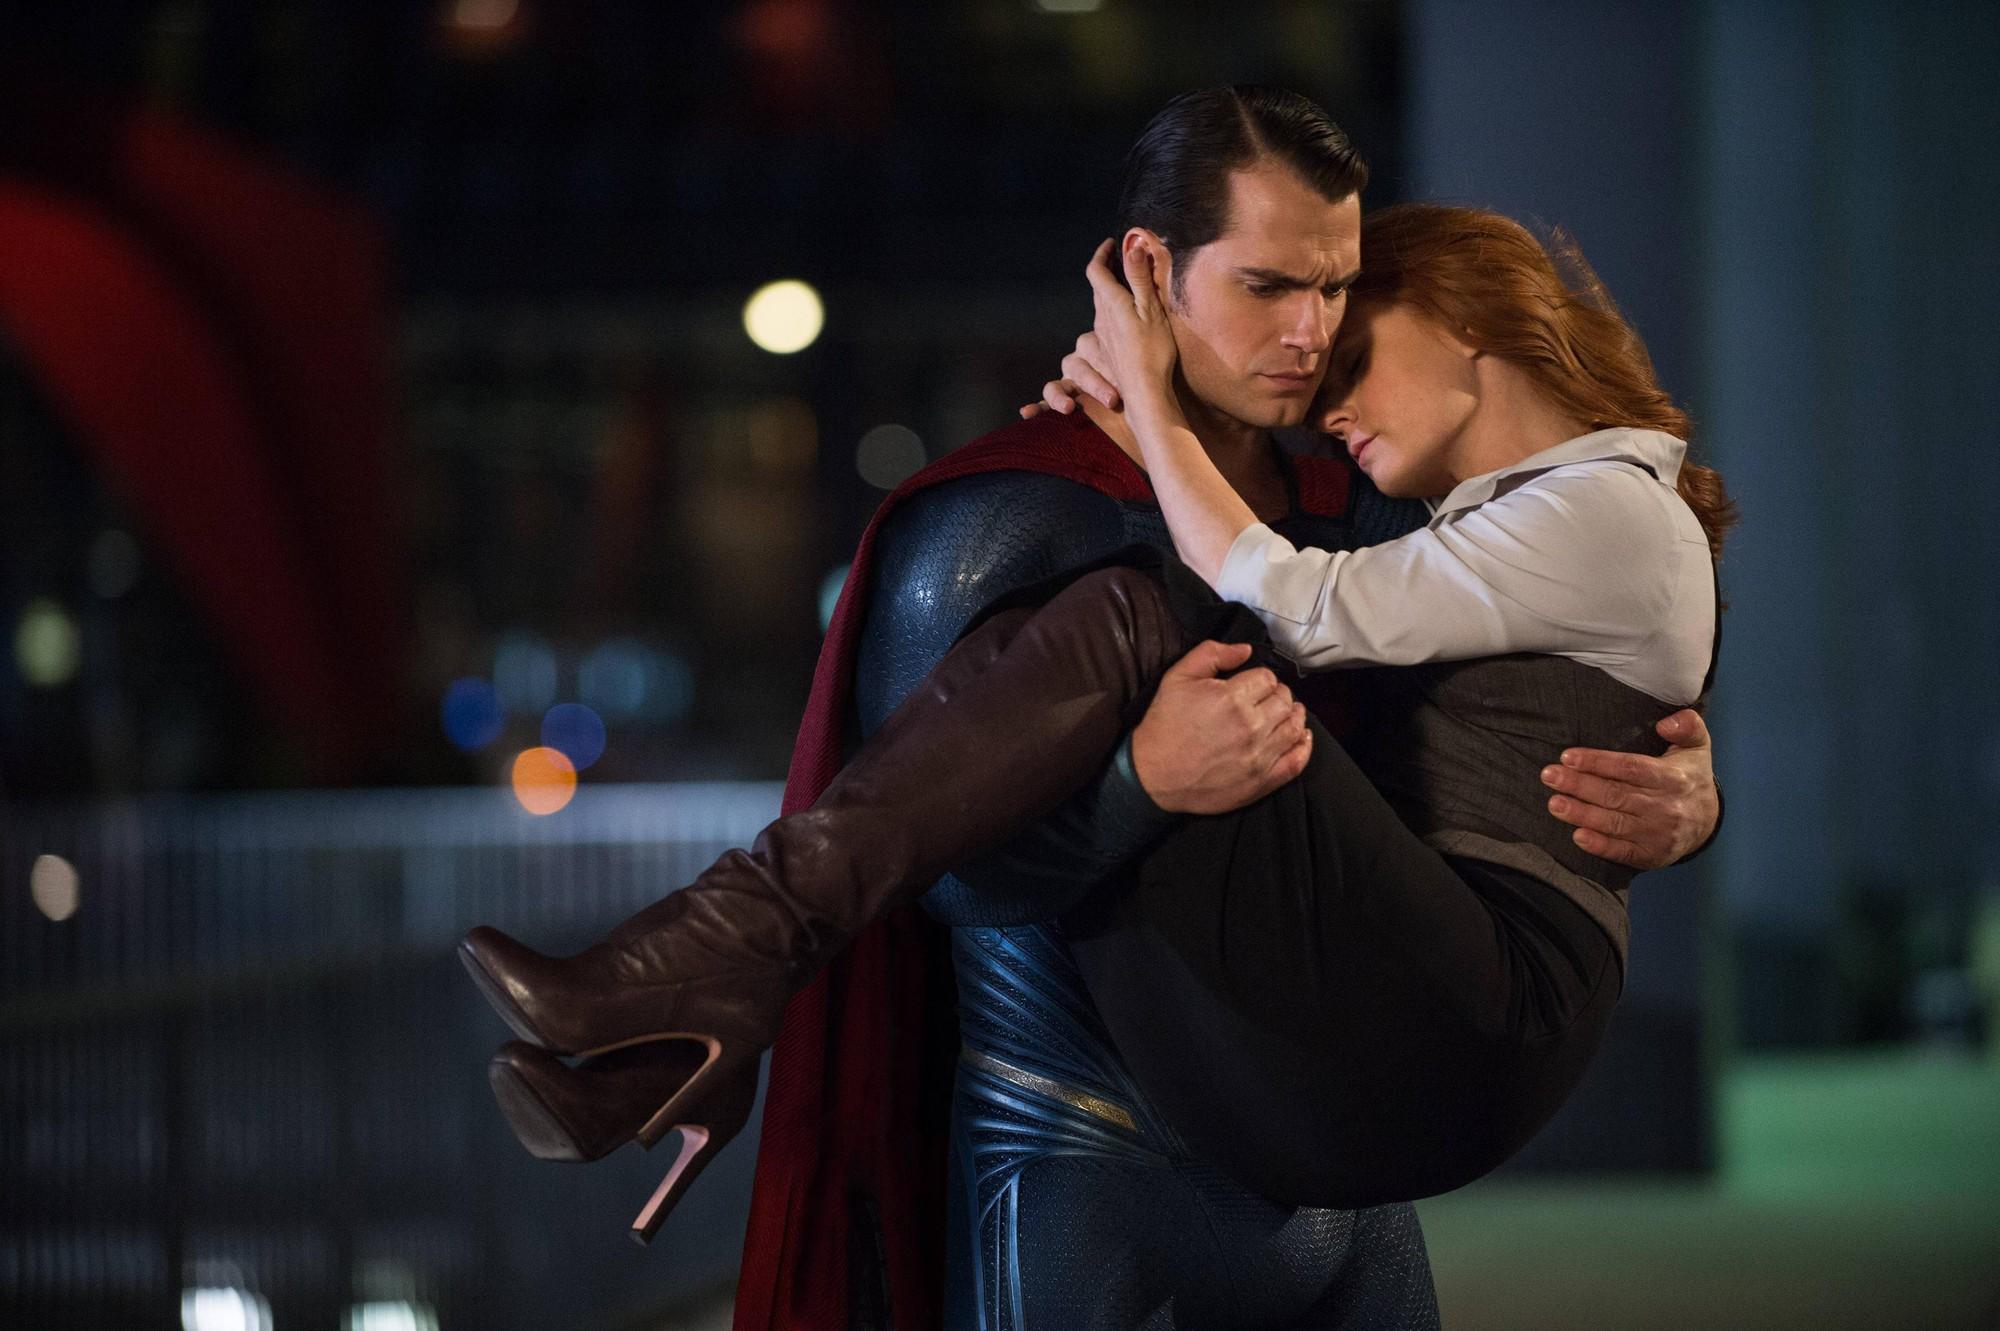 Xem lại khoảnh khắc phải gọi là cực phẩm màn ảnh của chàng Superman Henry Cavill - Ảnh 7.